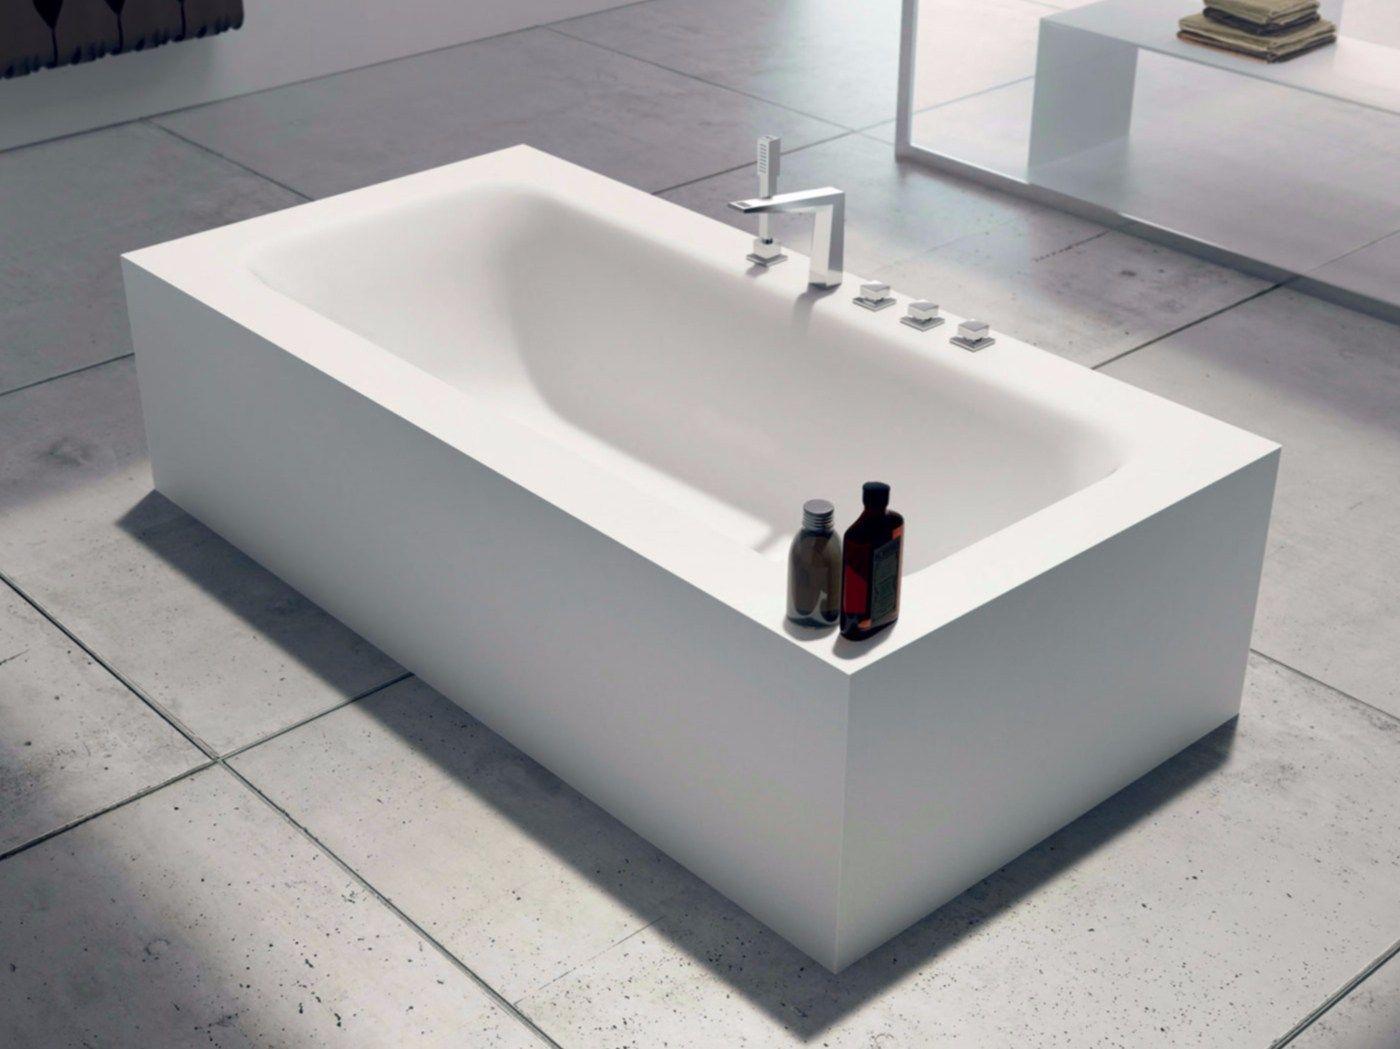 Vasca da bagno rettangolare shape 02 by lasa idea - Bagno rettangolare ...